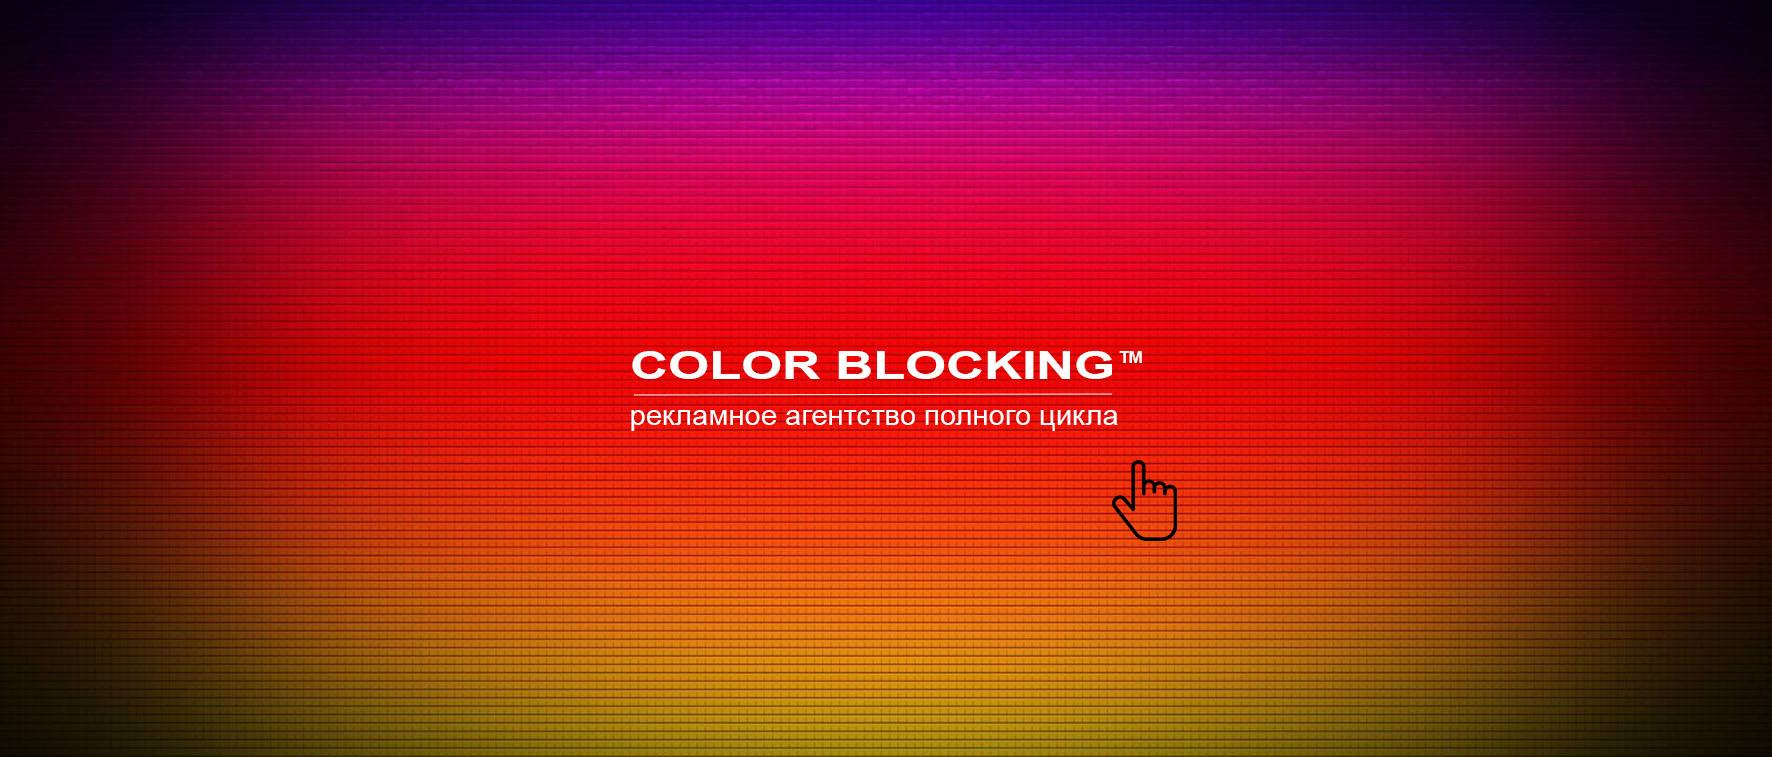 Информационный партнер Амина Оз журнал COLOR BLOCKING